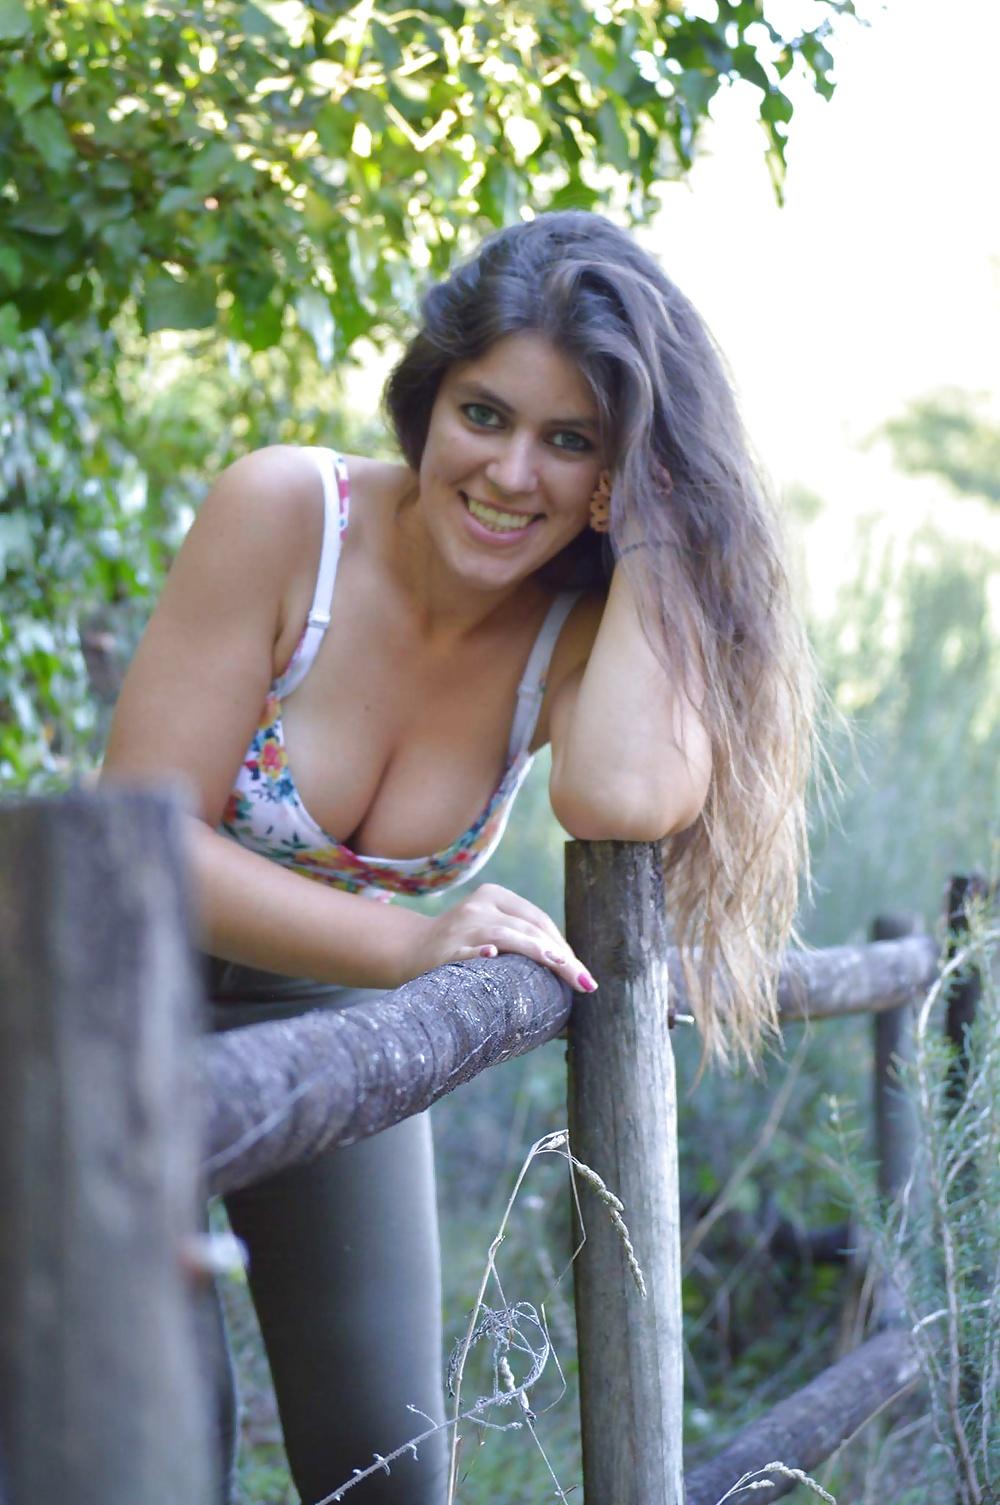 Erotische Bildern von amateure Frauen gratis